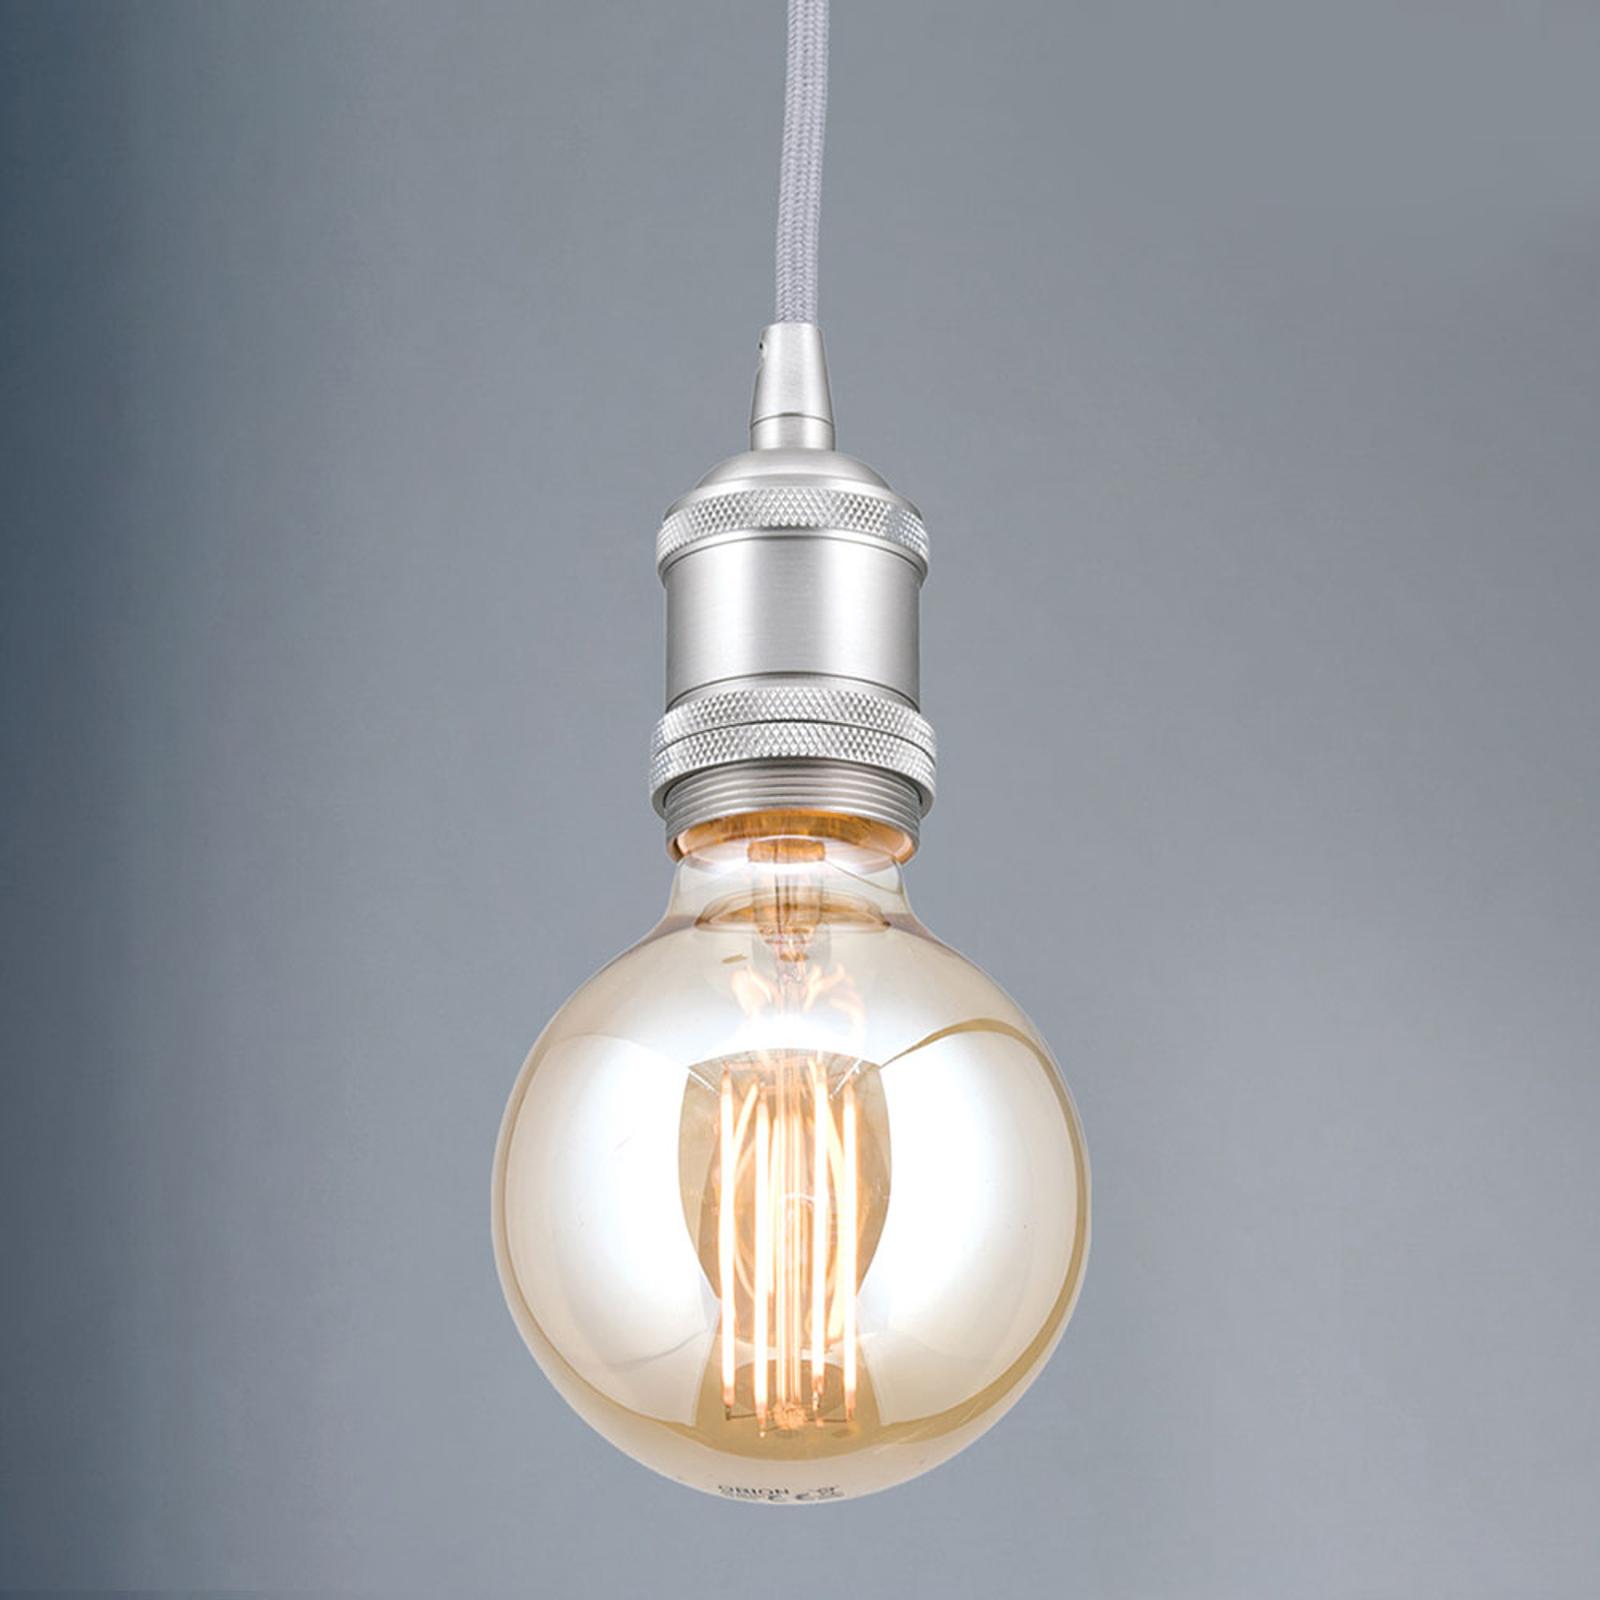 Lampa wisząca oprawa Jailhouse nikiel matowy